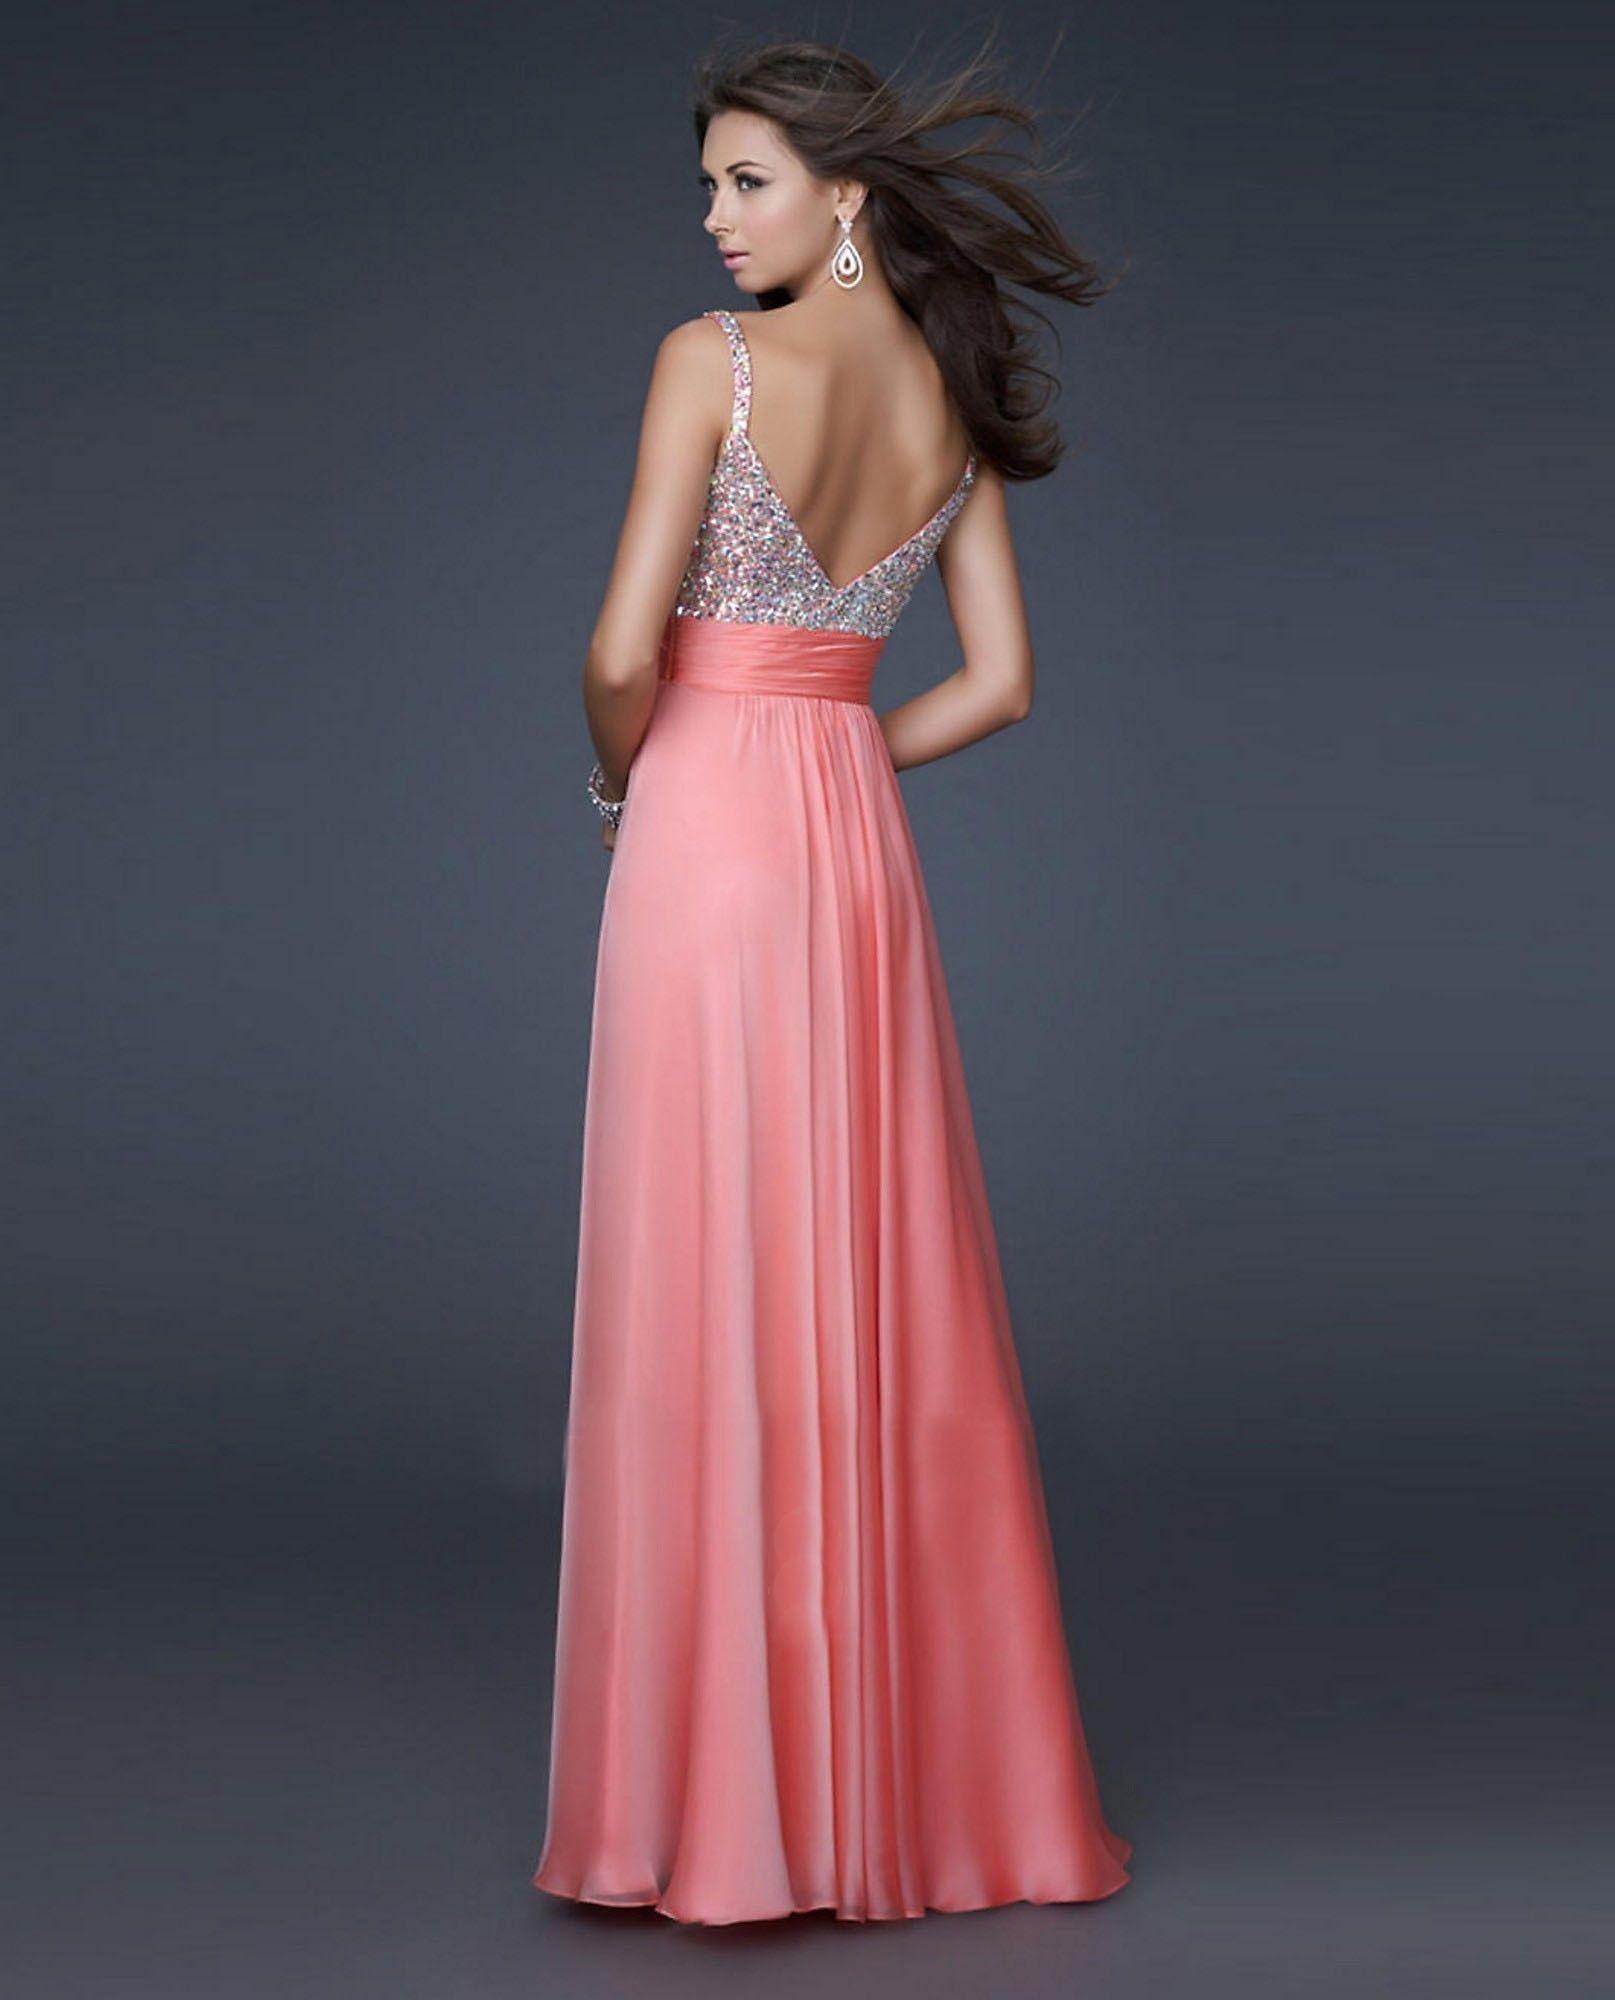 Cheap cocktail dresses on sale | Color dress | Pinterest | Cheap ...